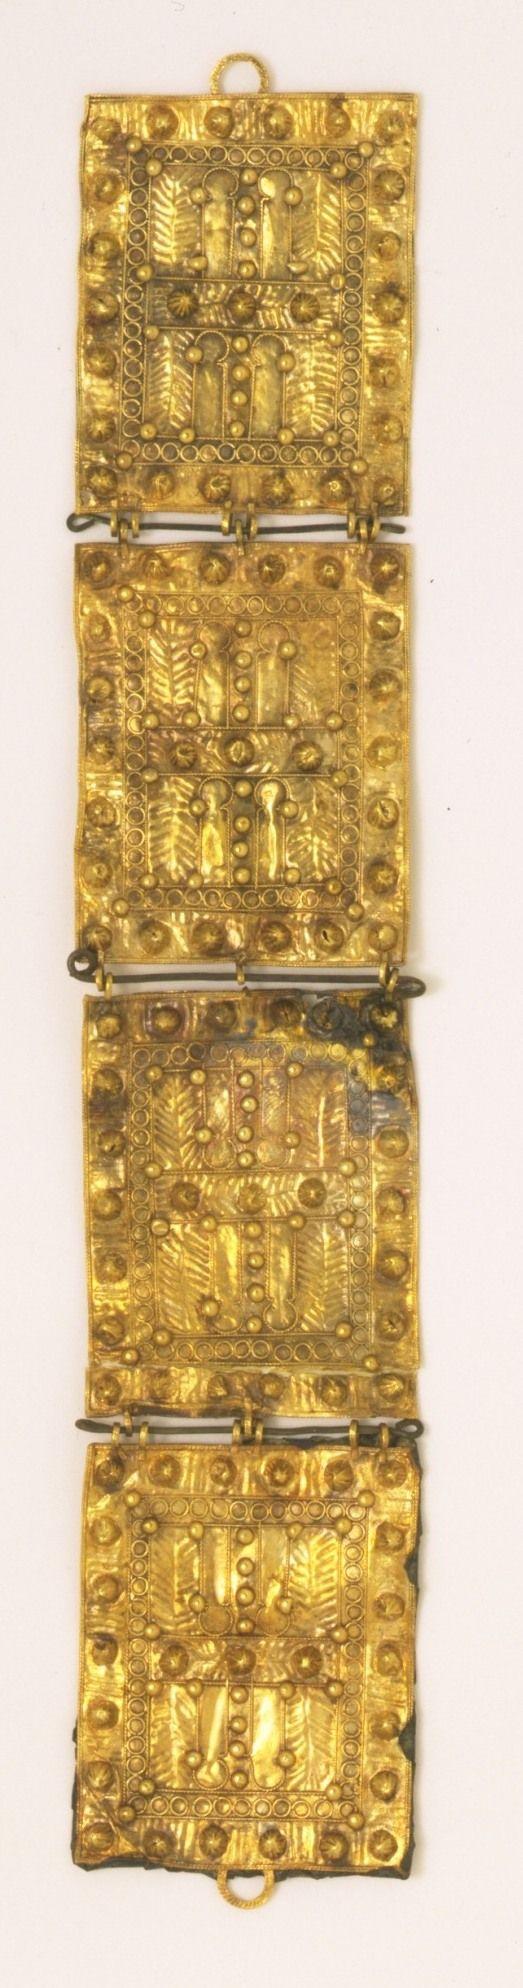 Found in Murcia,Spain  ca 750-1030 CE